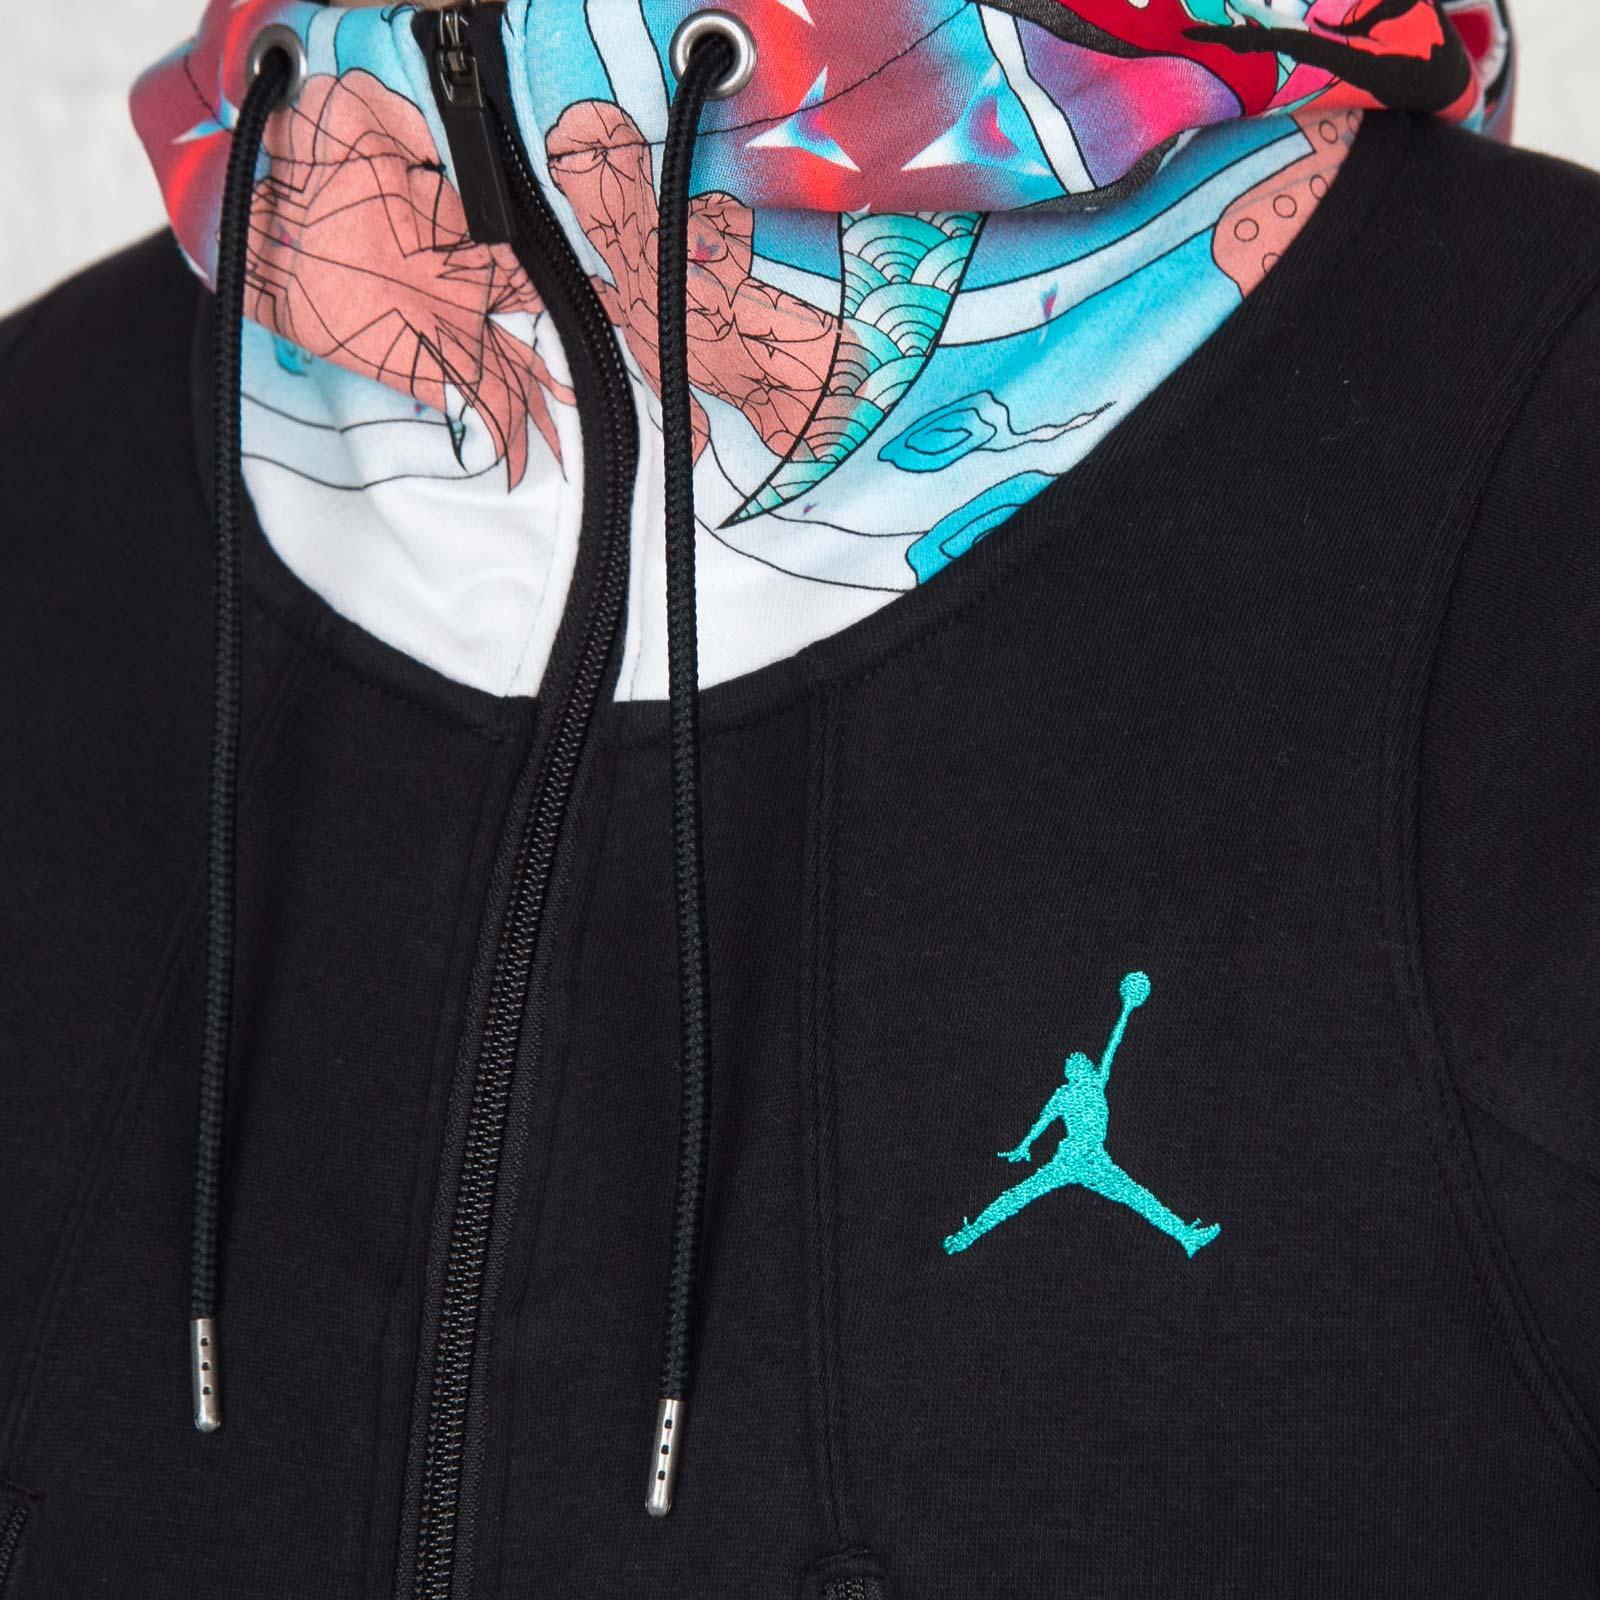 8600b7fd615 Jordan Brand CNY Varsity Hoody - 826998-010 - Sneakersnstuff   sneakers &  streetwear online since 1999